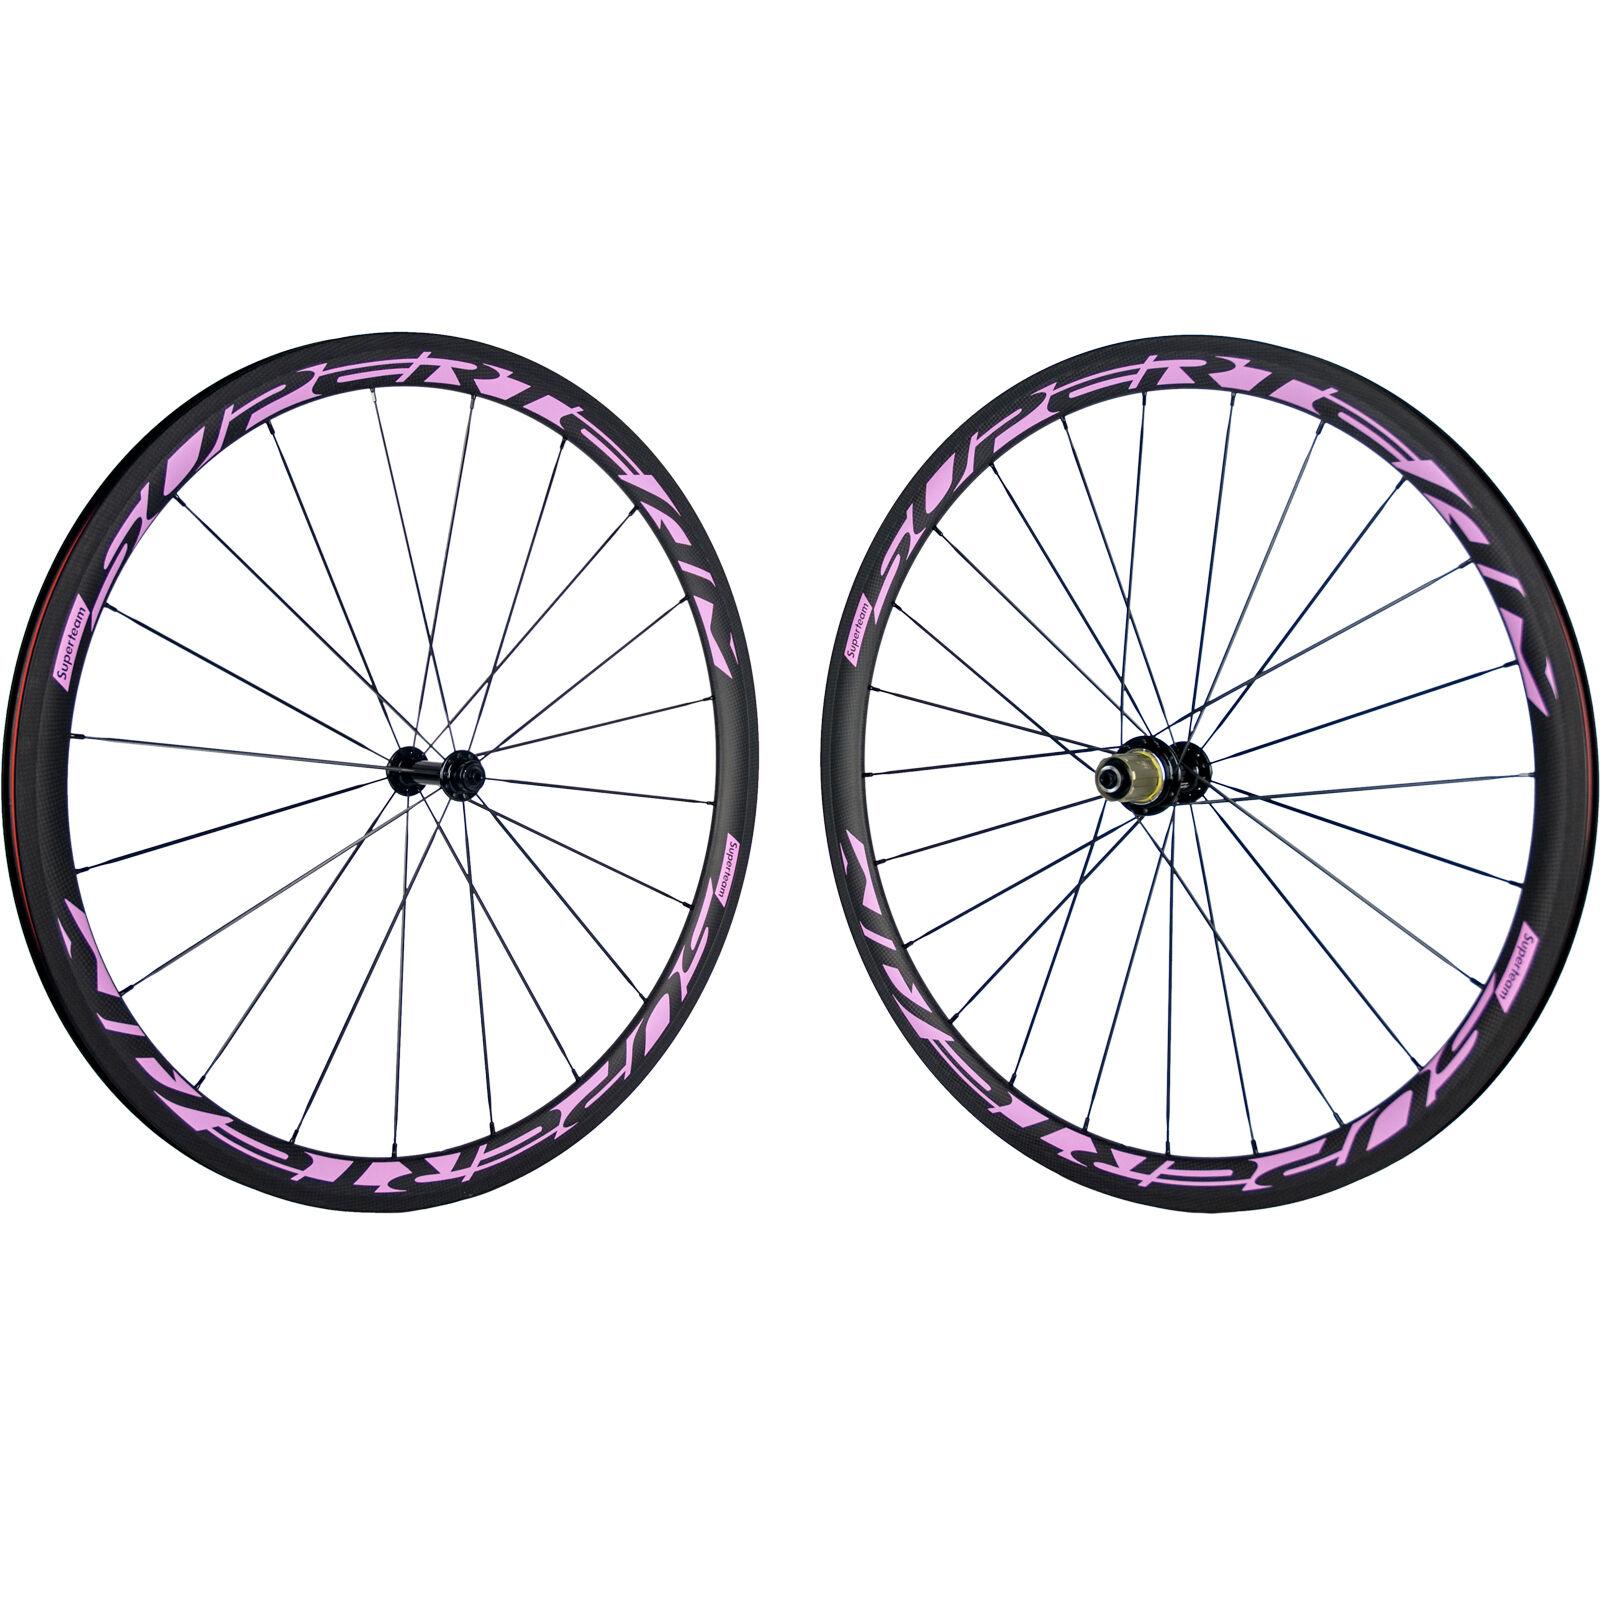 SUPERTEAM T700 Carbon Fibre 38mm Clincher Carbon Wheelset R13 Matt Bicycle Wheel